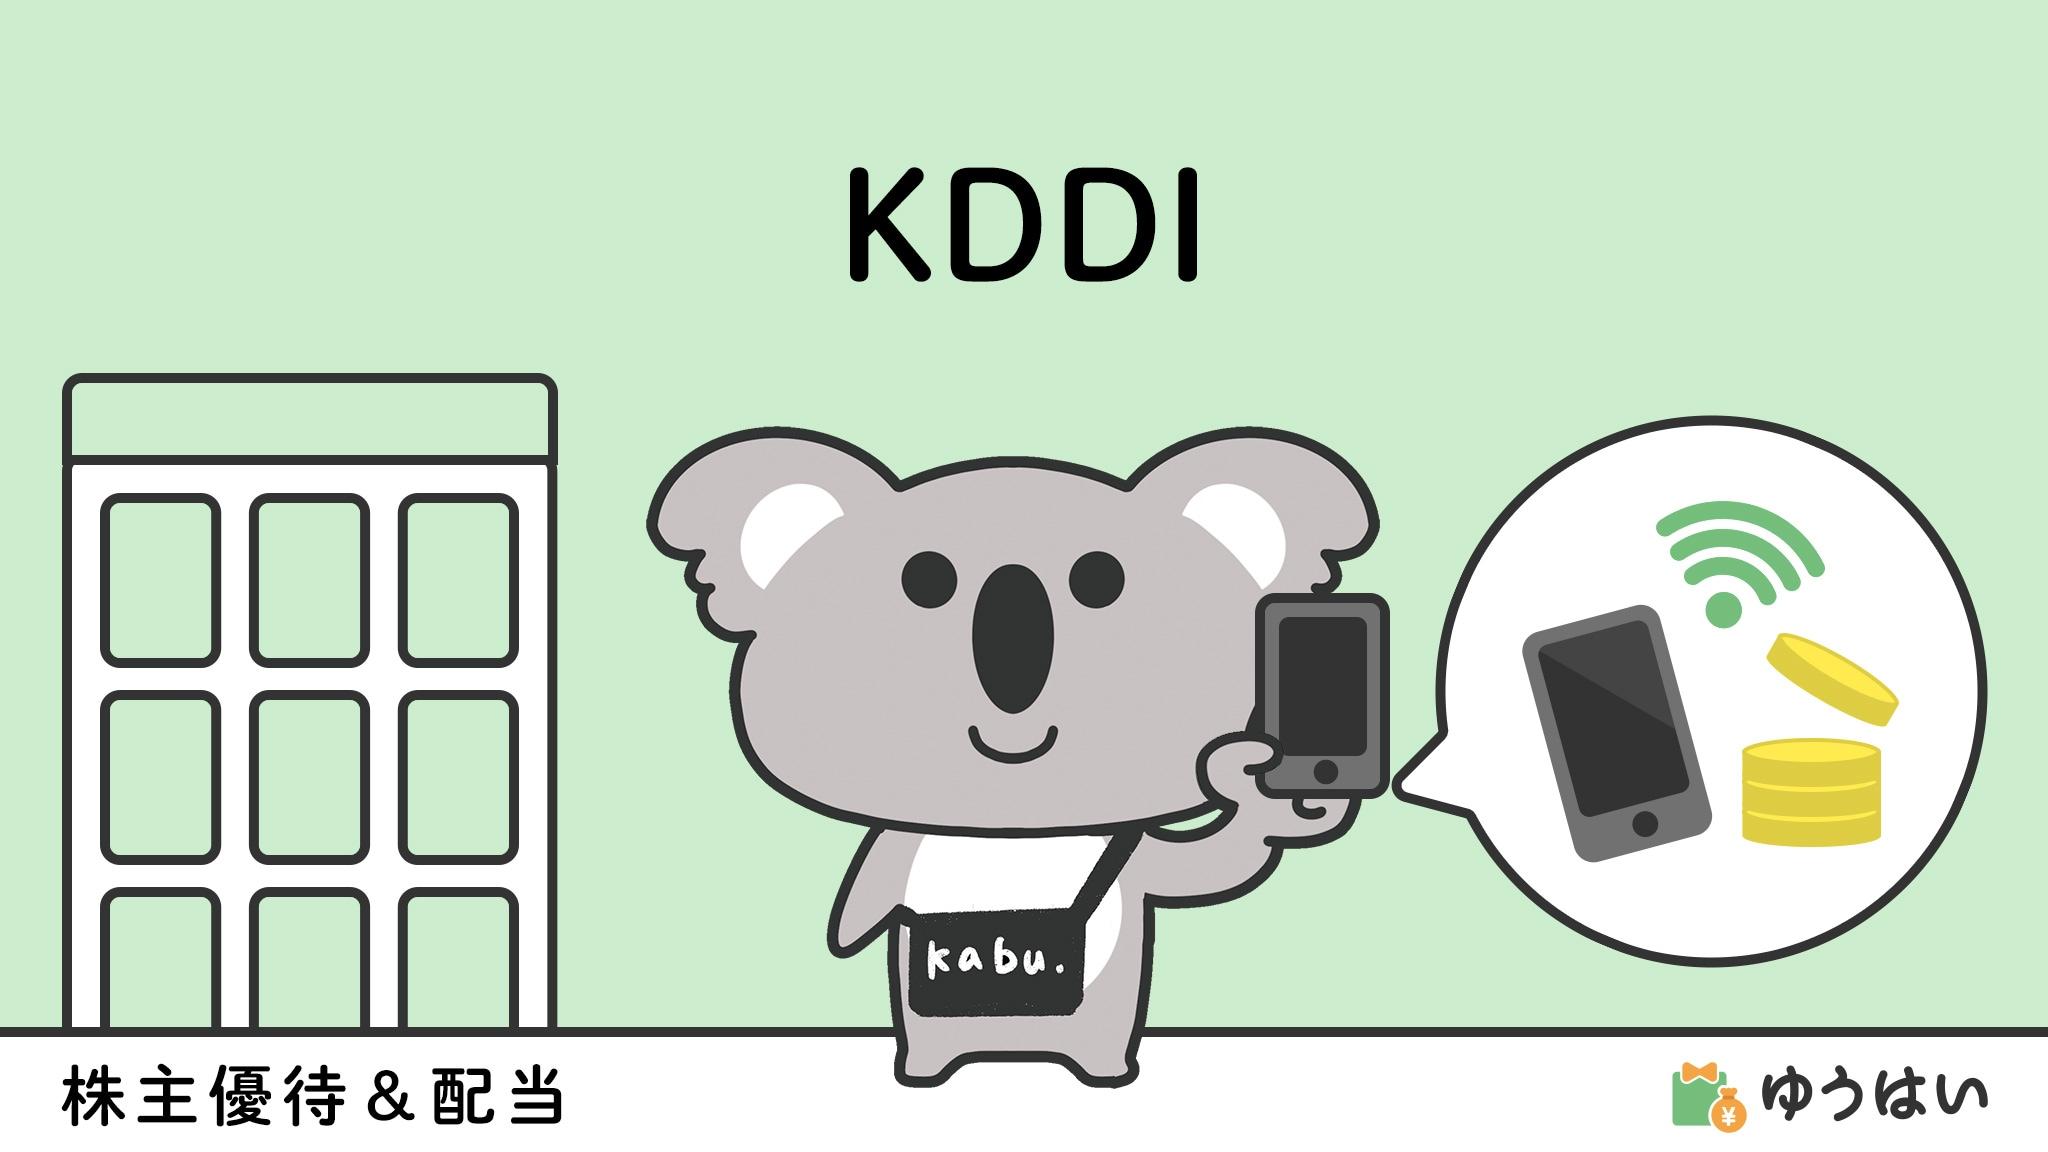 ゆうはい KDDI(9433)の株主優待と配当金